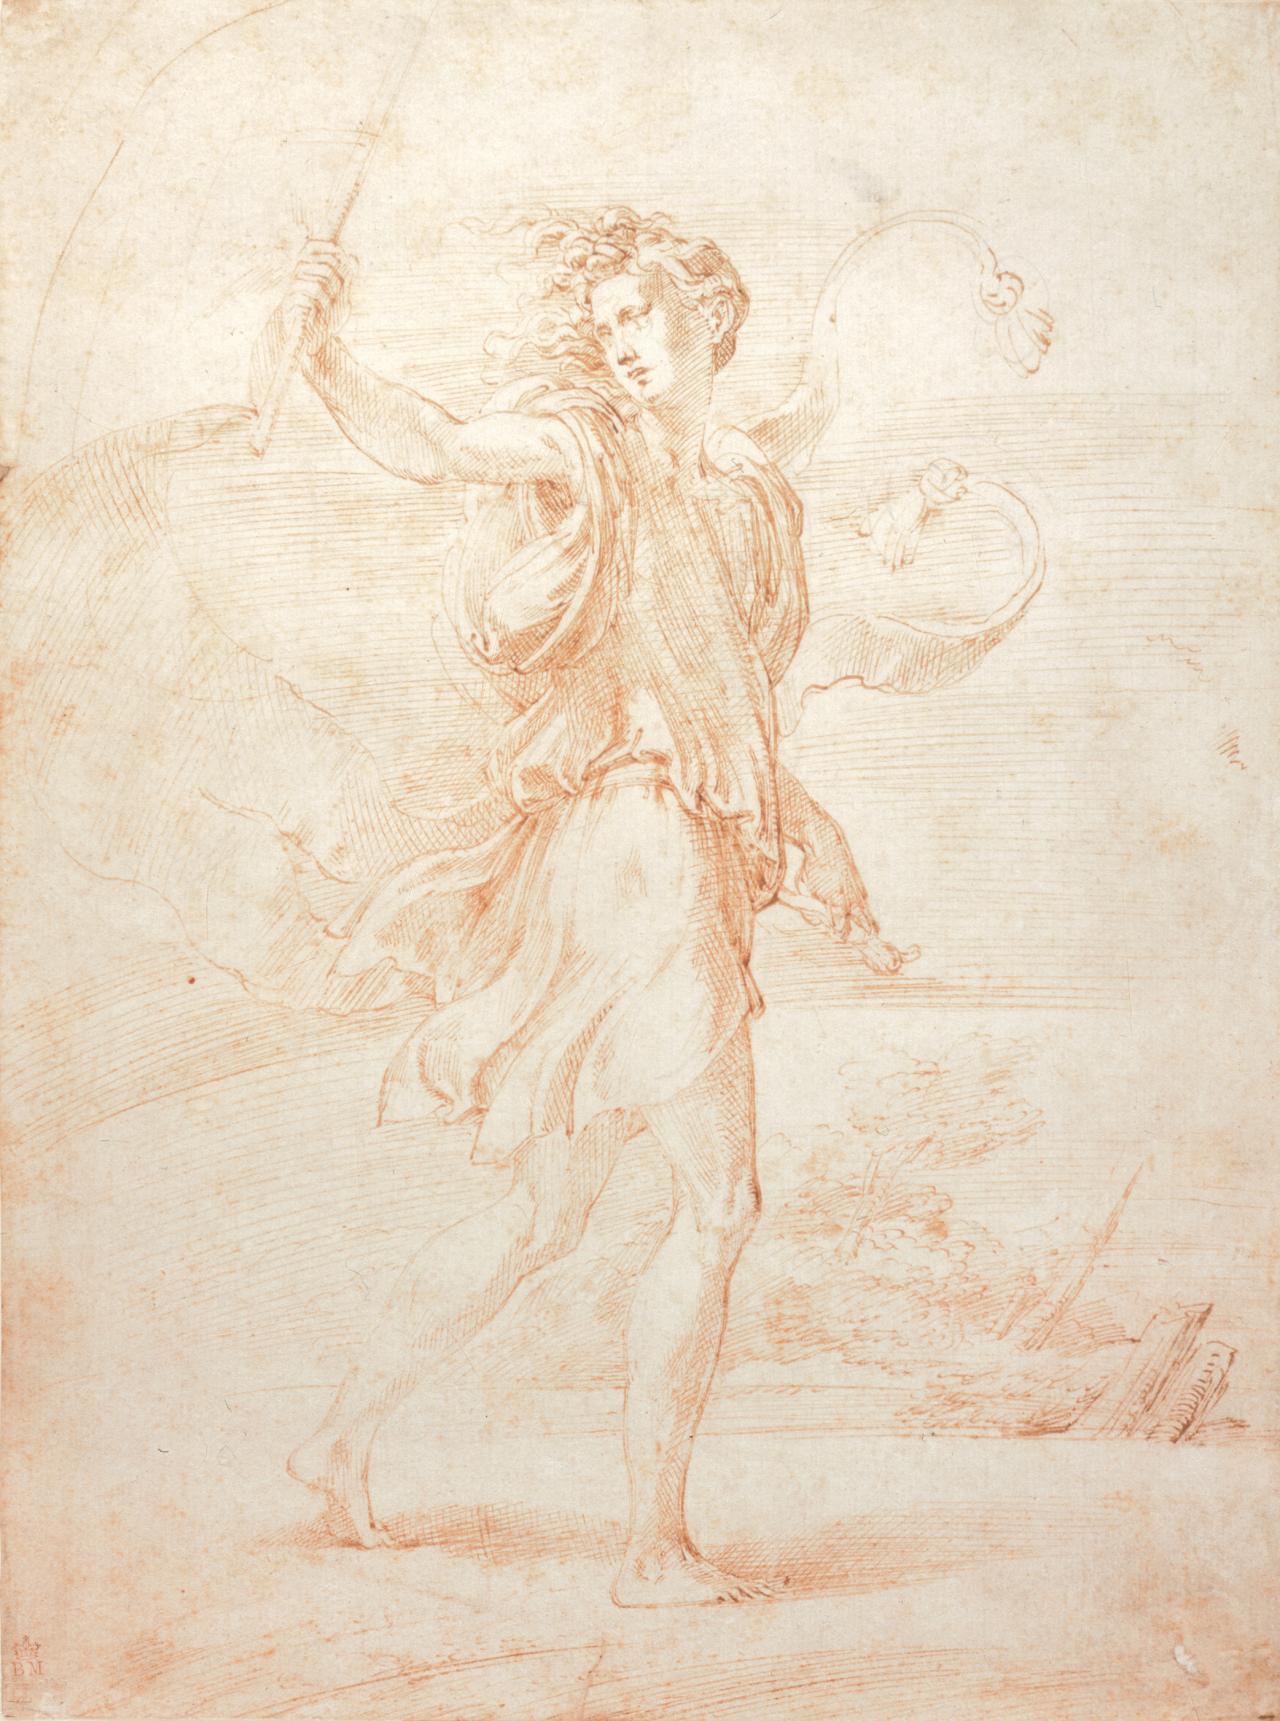 Phantasy and Myth, Parmigianino's Huntsman drawing   NGV